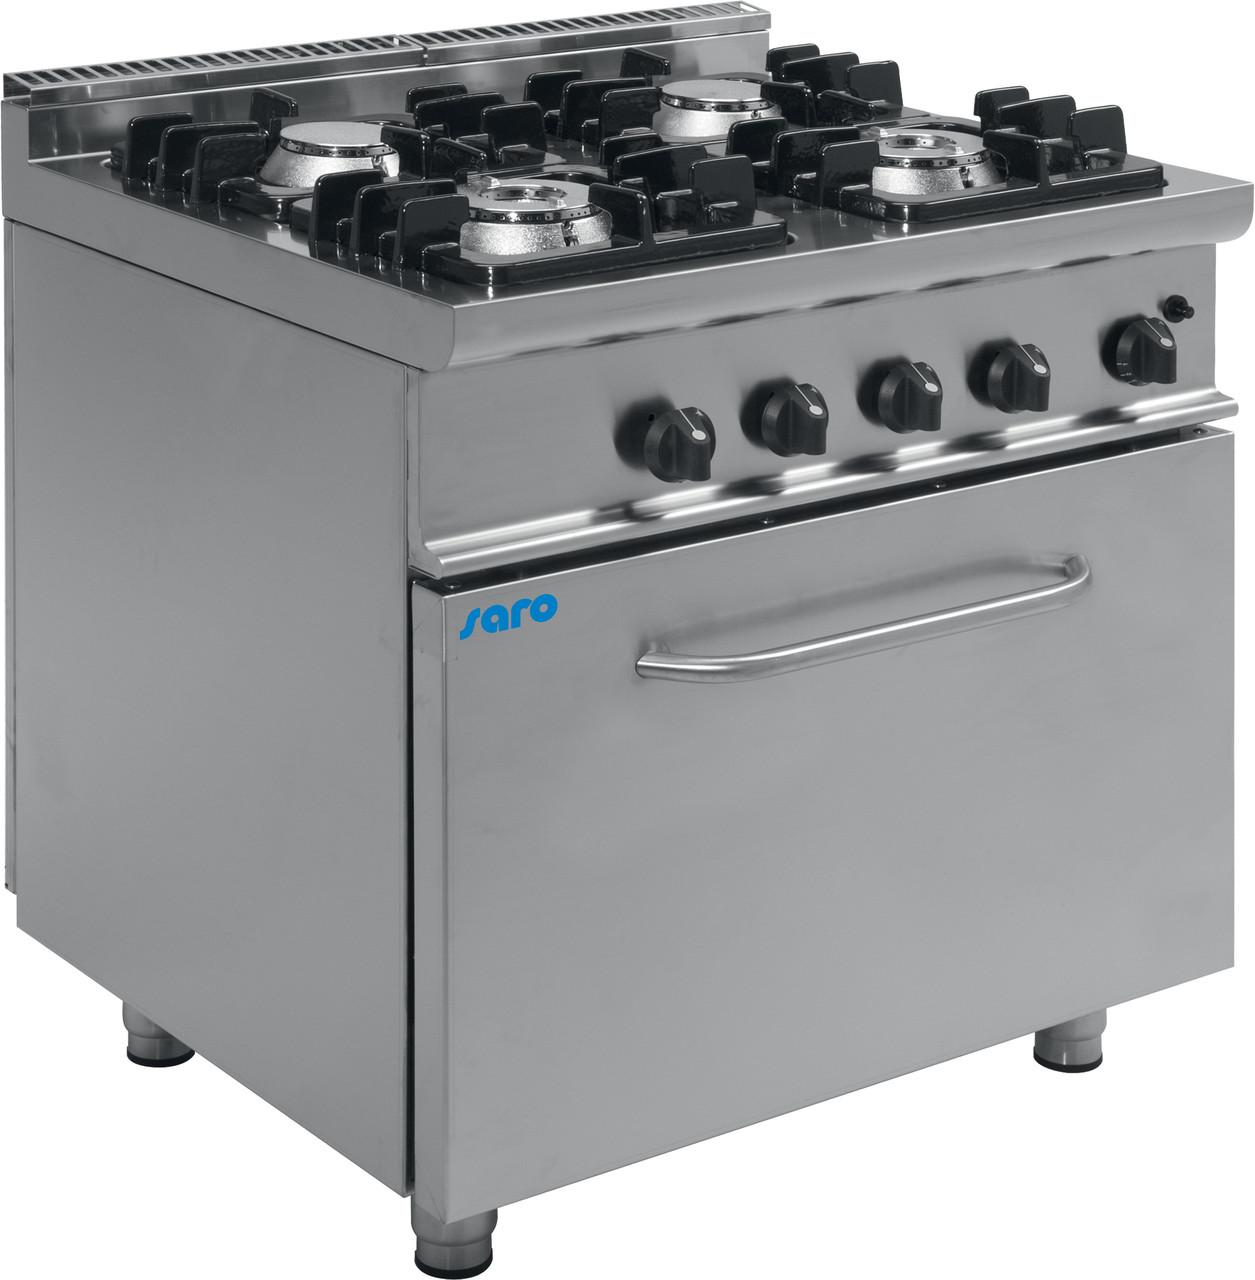 Газовая плита с газовой духовкой E7 / KUPG4LO Saro